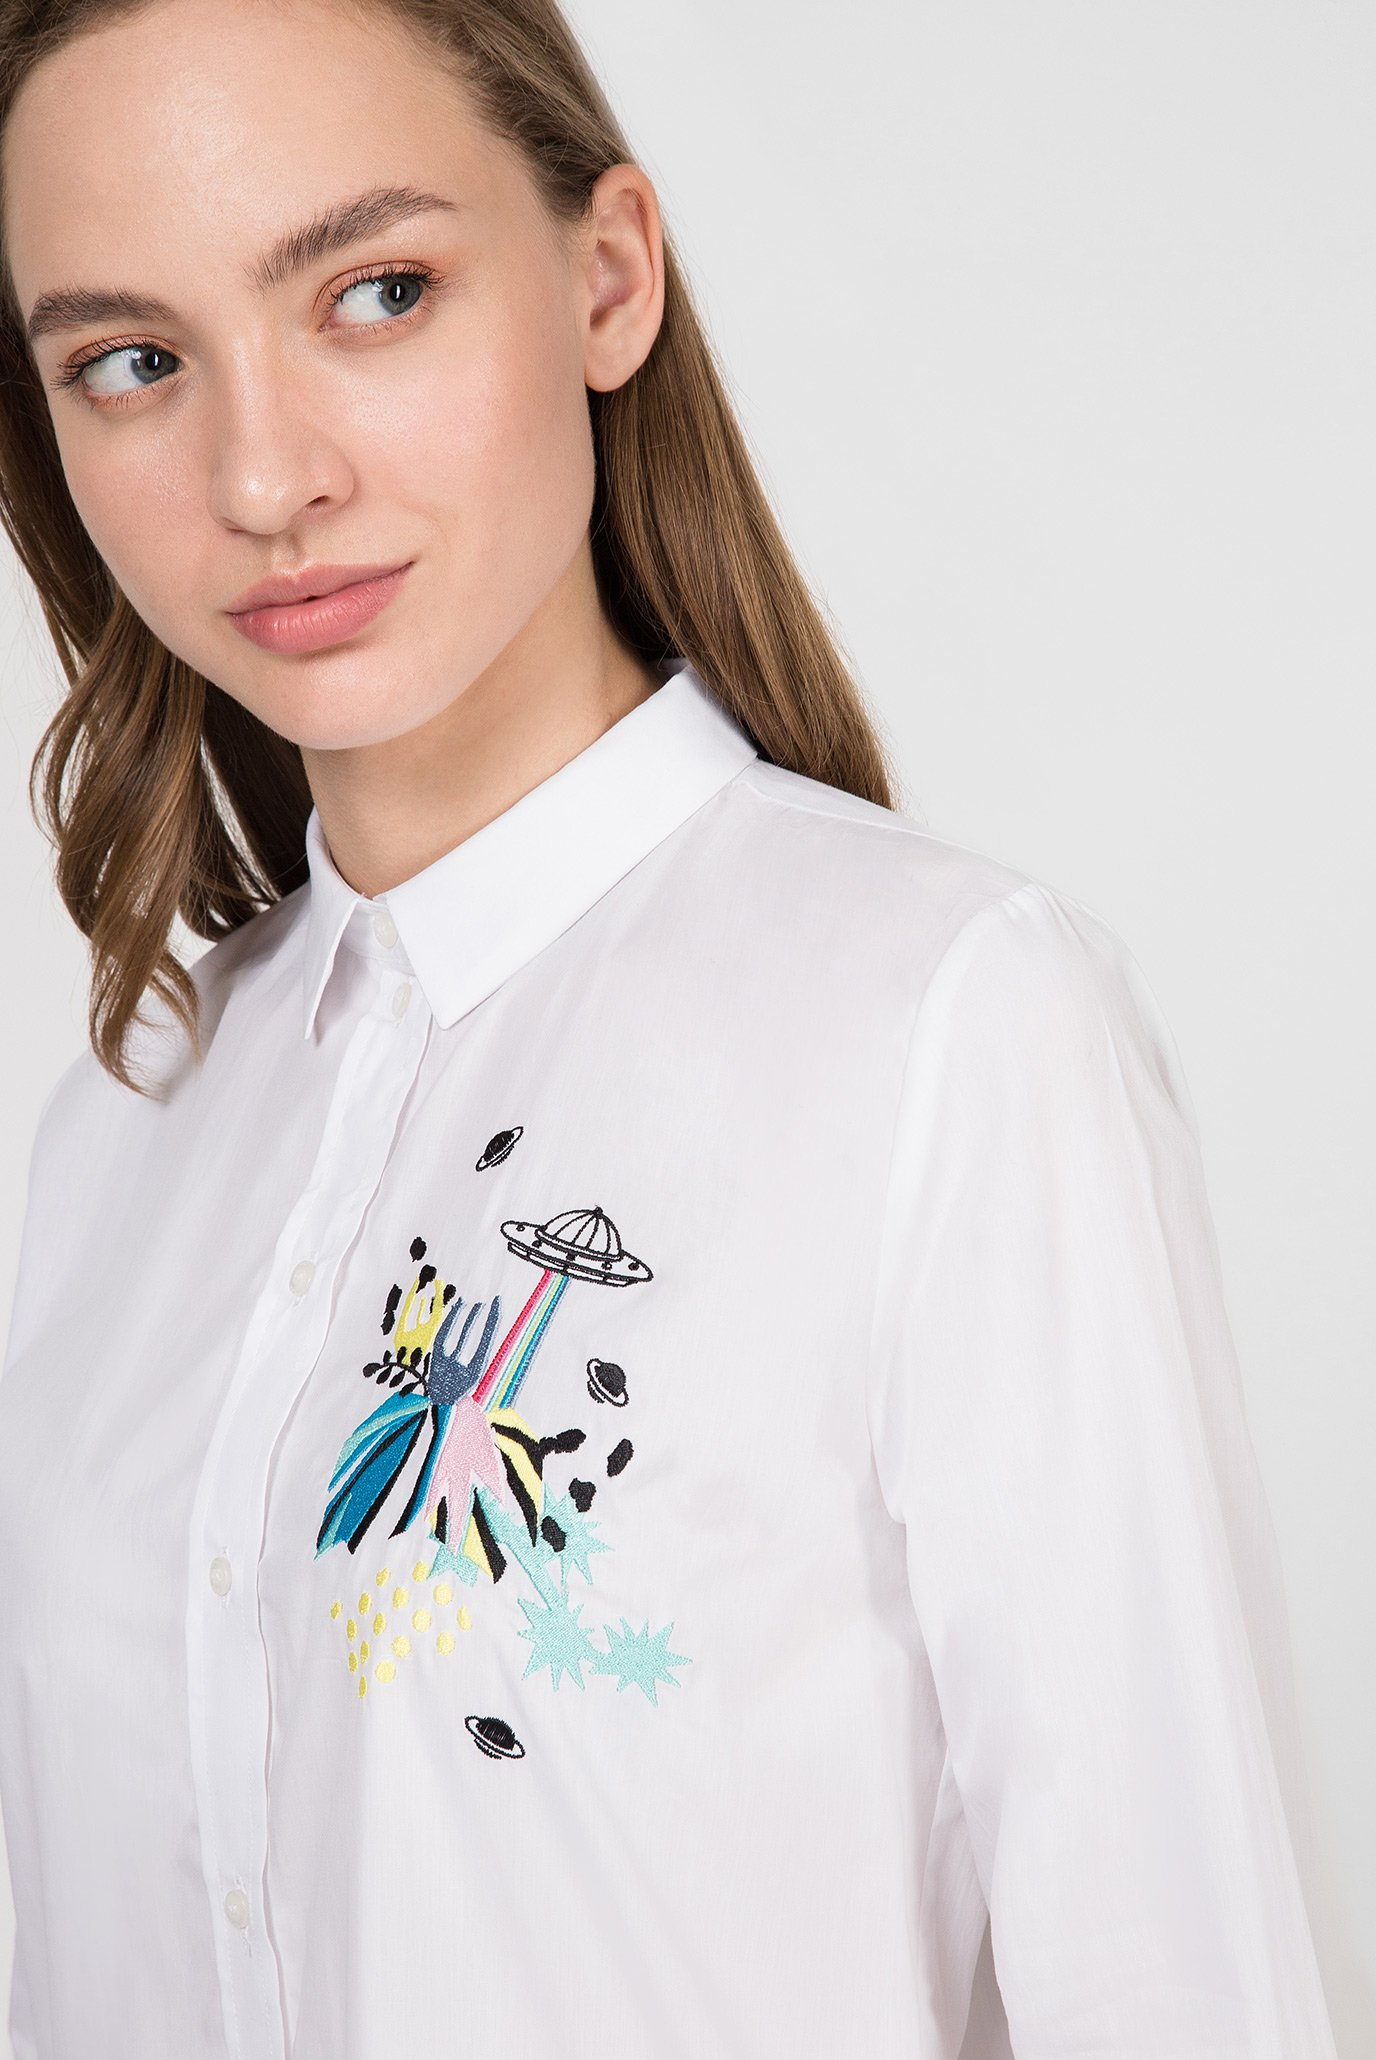 Купить Женская белая рубашка Trussardi Jeans Trussardi Jeans 56C00167-1T002287 – Киев, Украина. Цены в интернет магазине MD Fashion